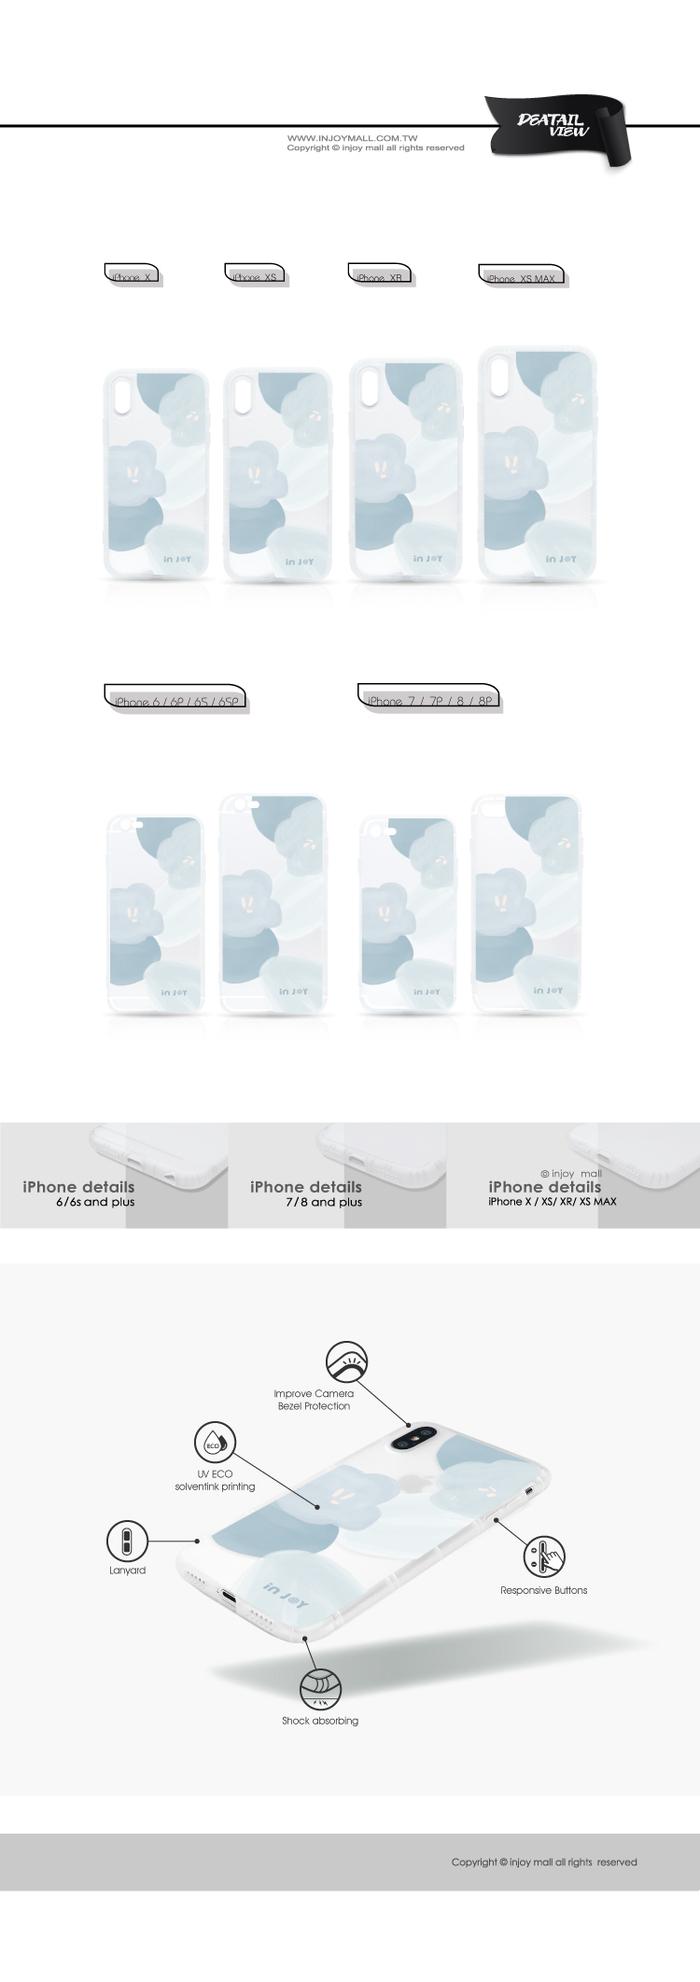 (複製)INJOY mall|iPhone 6/7/8/Plus/XS/XR/max/11 pro/11 max 微霧夏日防摔耐震磨砂手機殼